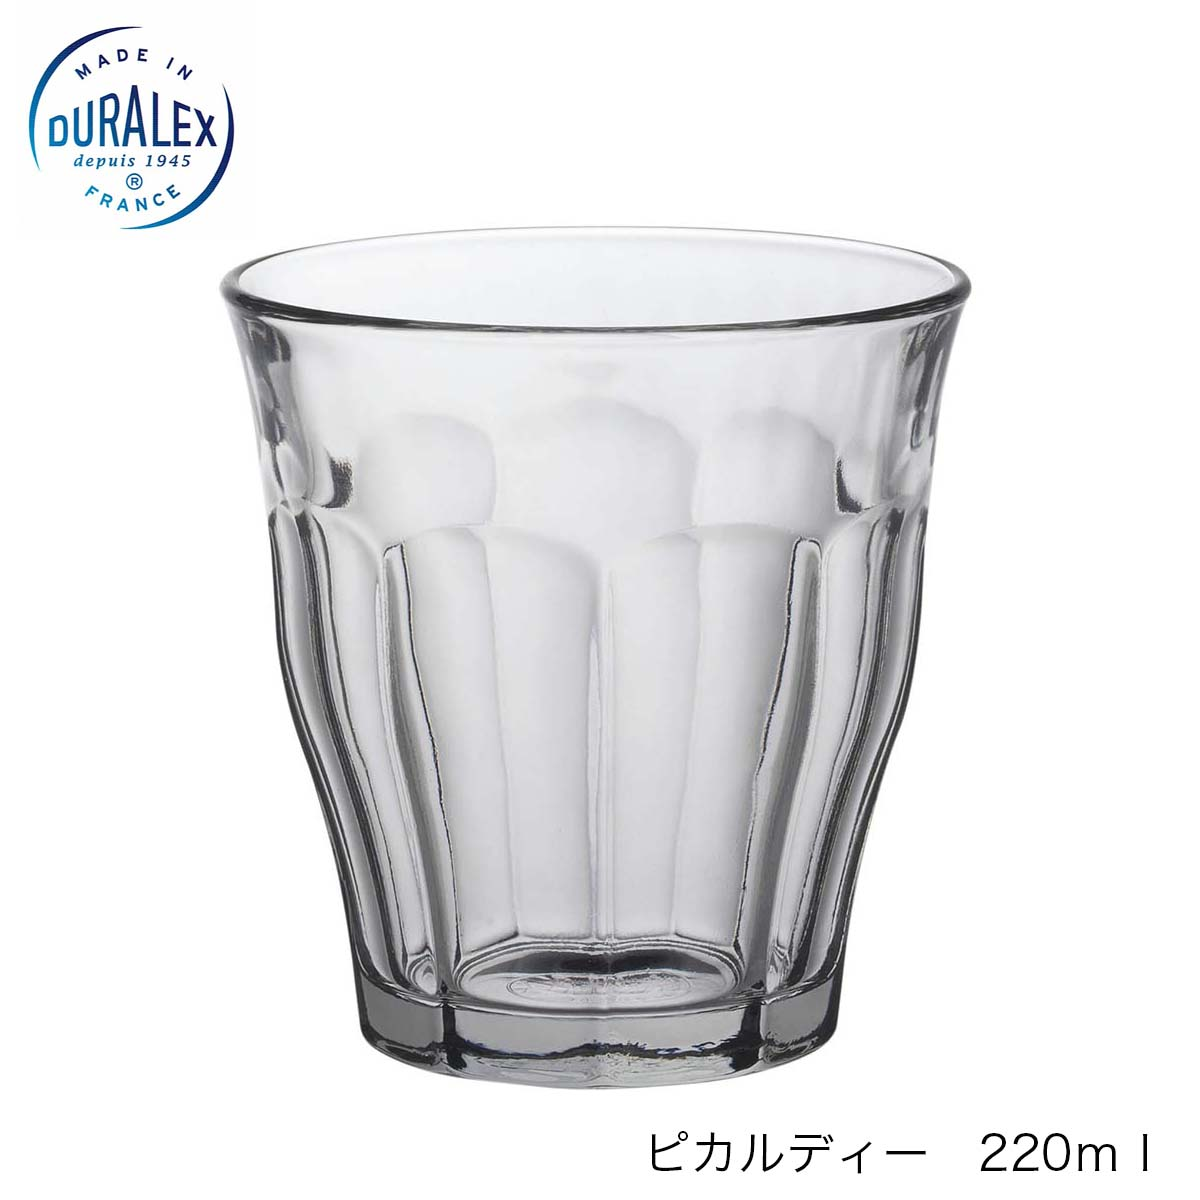 全面物理強化ガラス DURALEX デュラレックス ピカルディ 安い 激安 プチプラ 高品質 フランス製 休み 220ml 6個セット